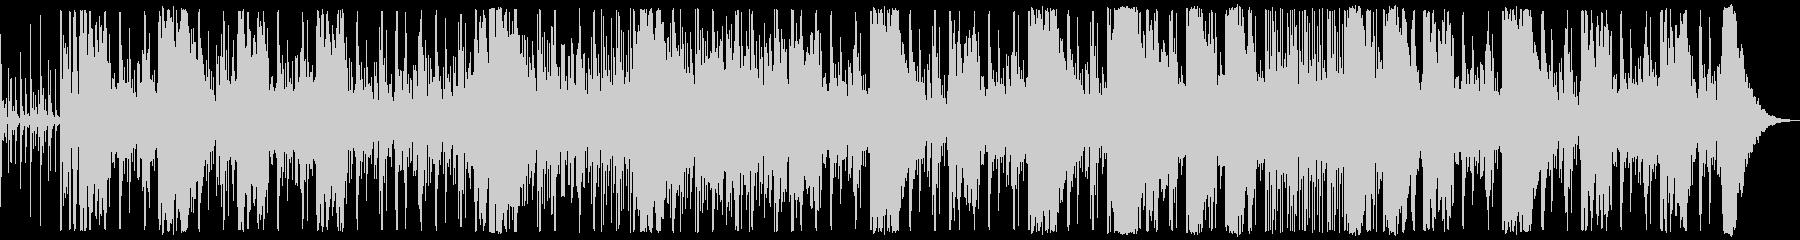 ダウンテンポのチルホップドラムと中...の未再生の波形